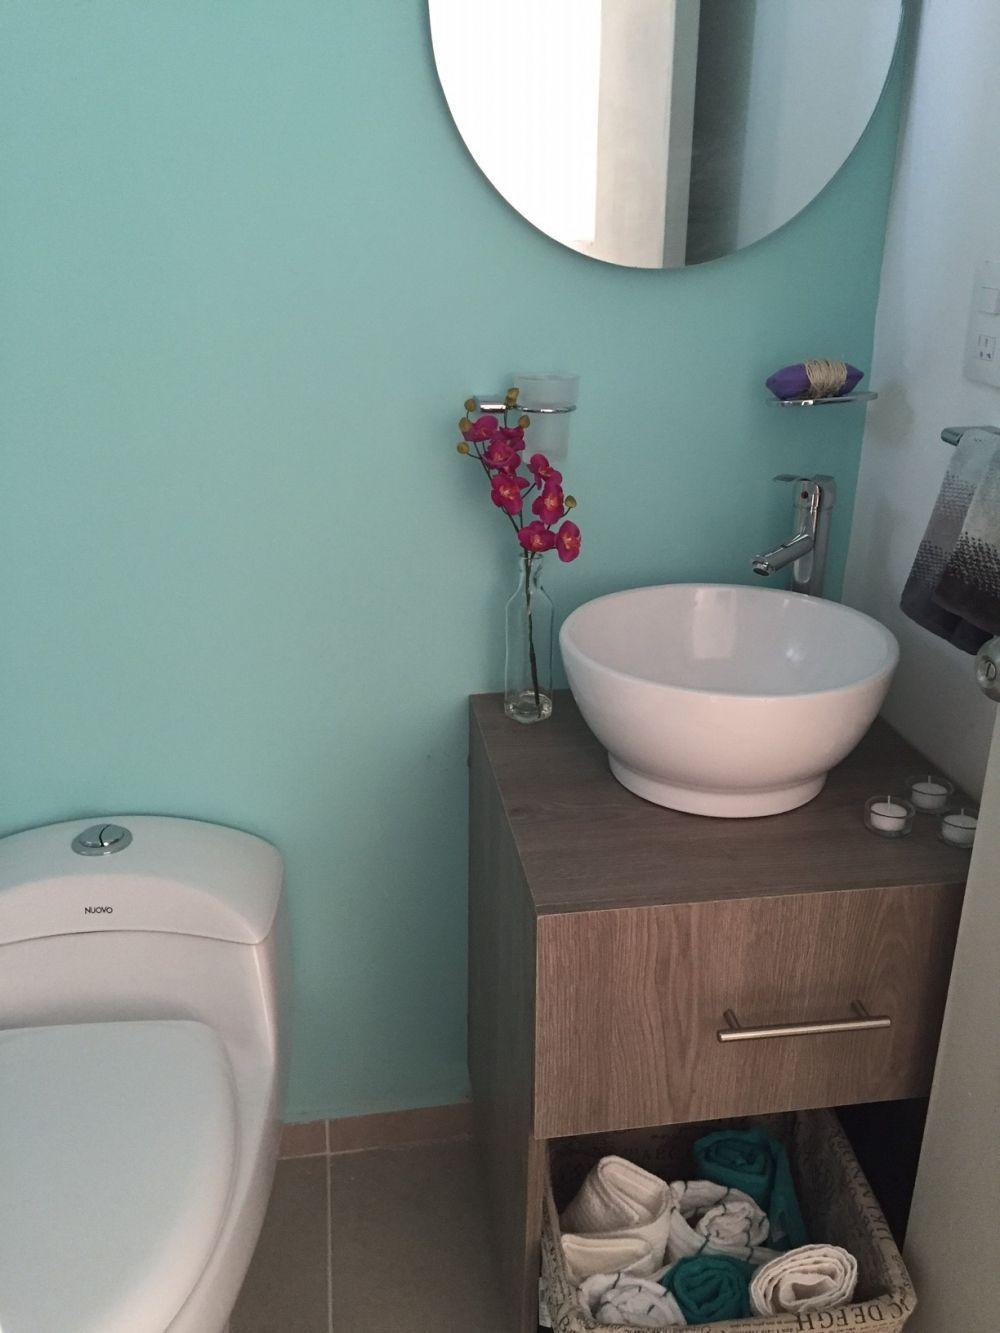 Exterior | baños | Pinterest | Casas javer, Casas pequeñas y La ...